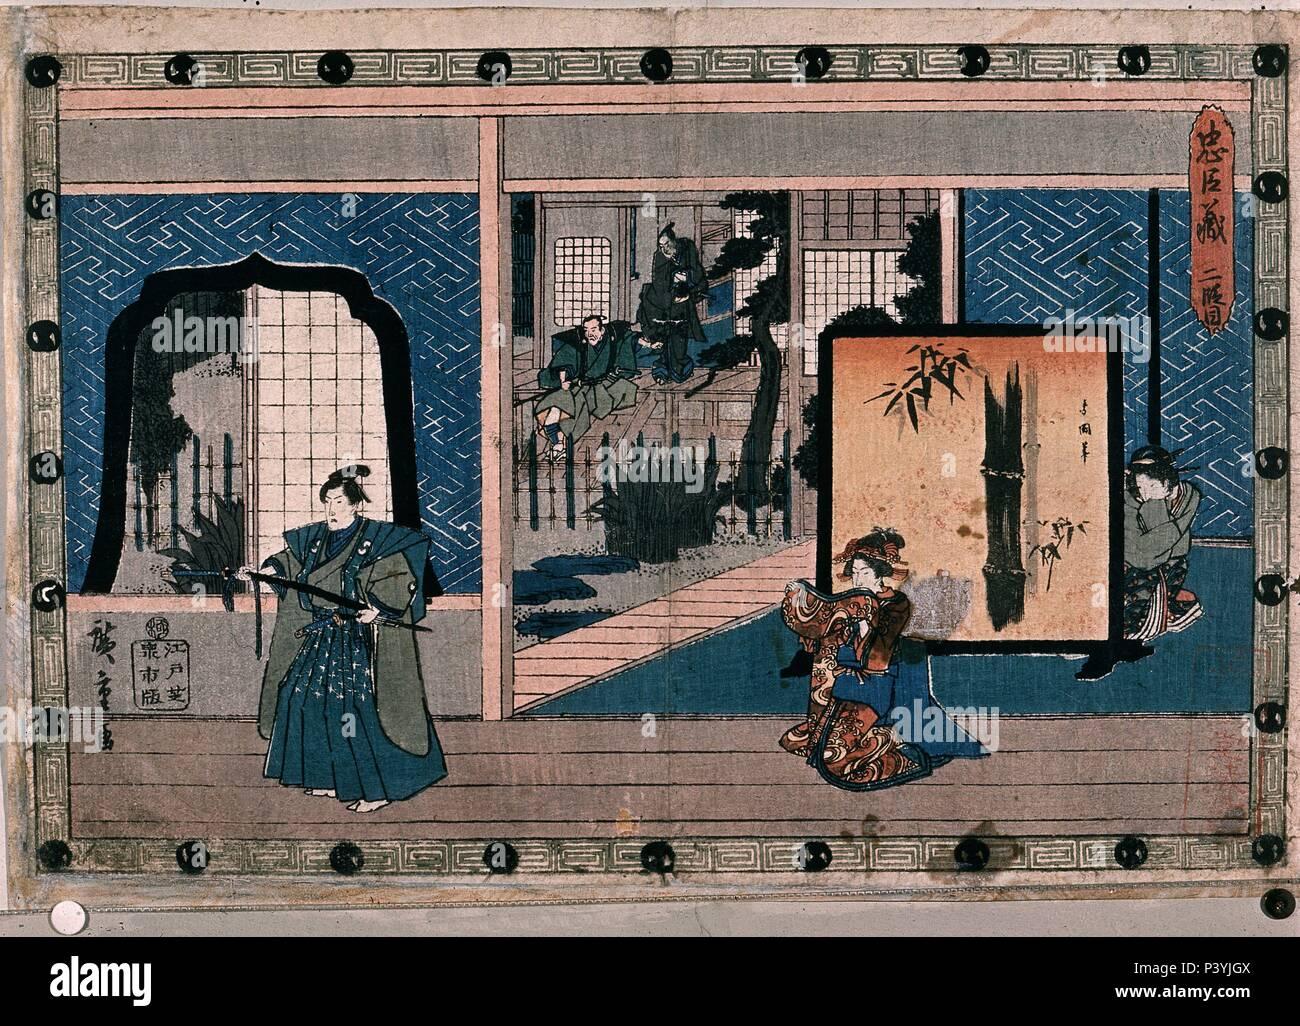 GRABADO JAPONES - ESCENARIO CON ACTORES DE TEATRO JAPONES (KABUKI) - ESCUELA UKIYO-E (MUNDO FLOTANTE). Author: Utagawa Hiroshige (1797-1858). Location: MUSEO CHIOSSONE, GENOVA, ITALIA. - Stock Image